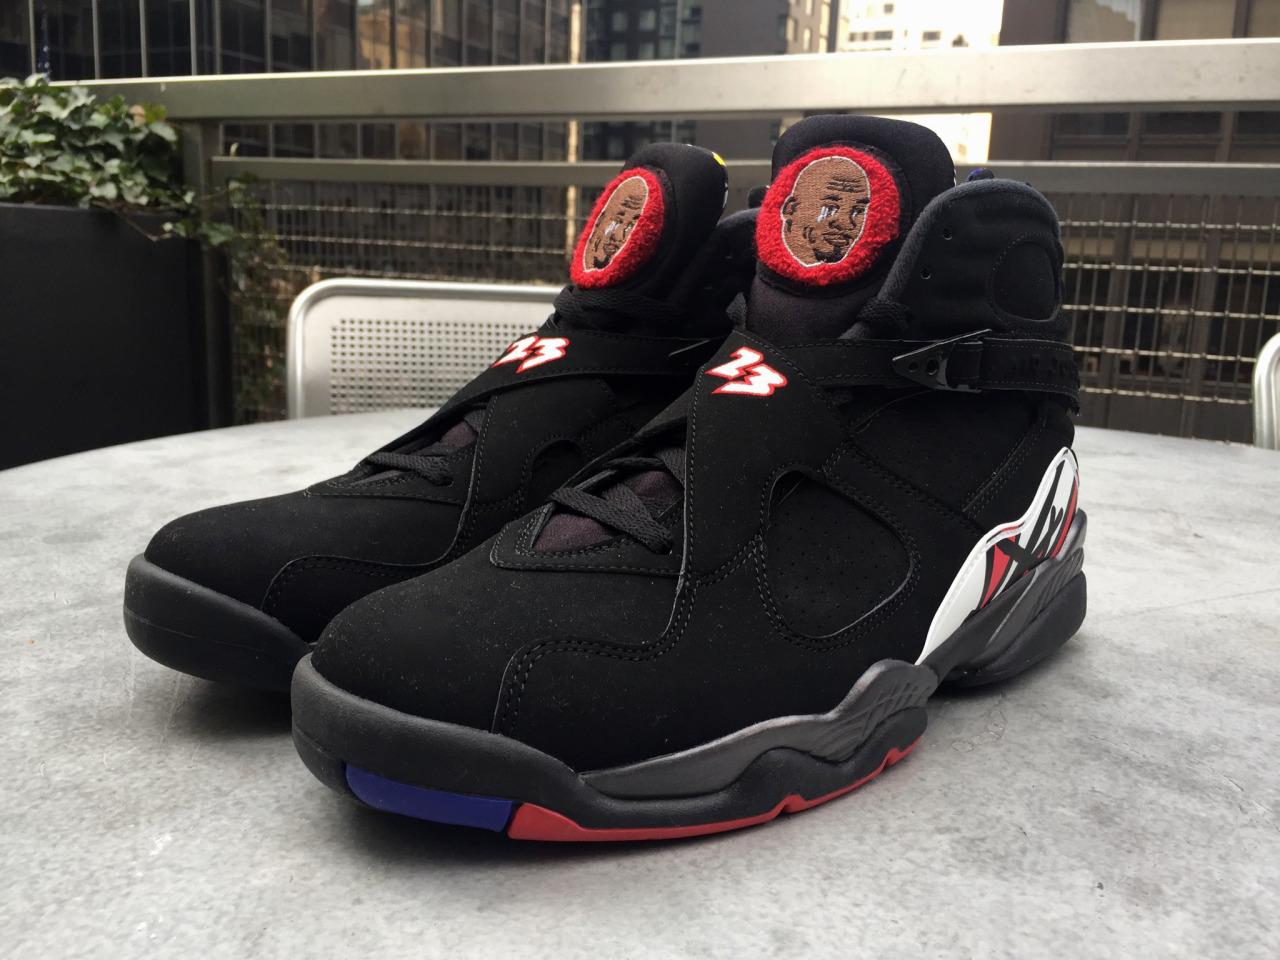 999 *90999s footwear black shoe car vehicle